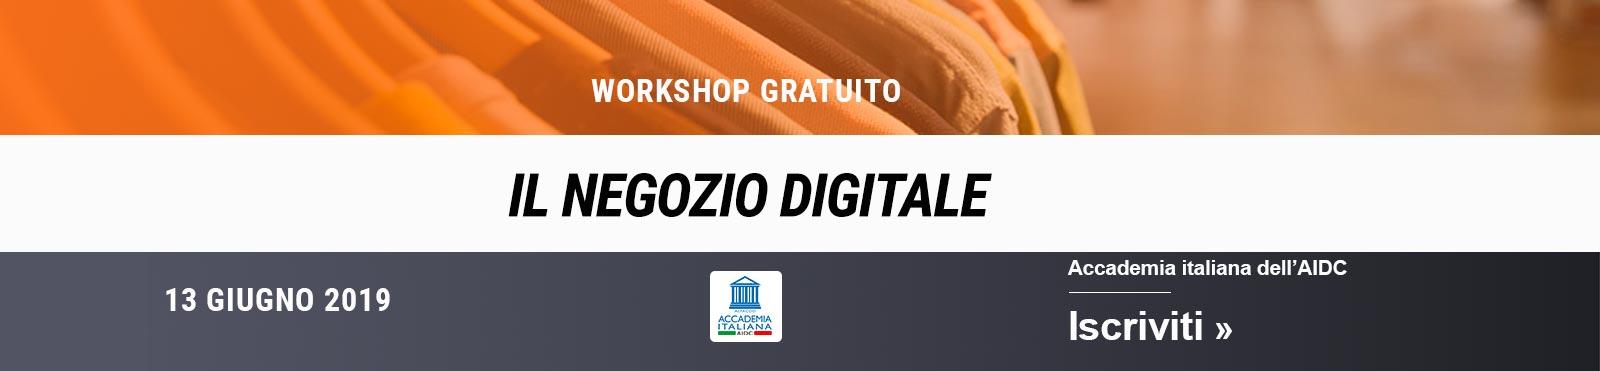 Evento_Gratuito_Retail_Alfacod